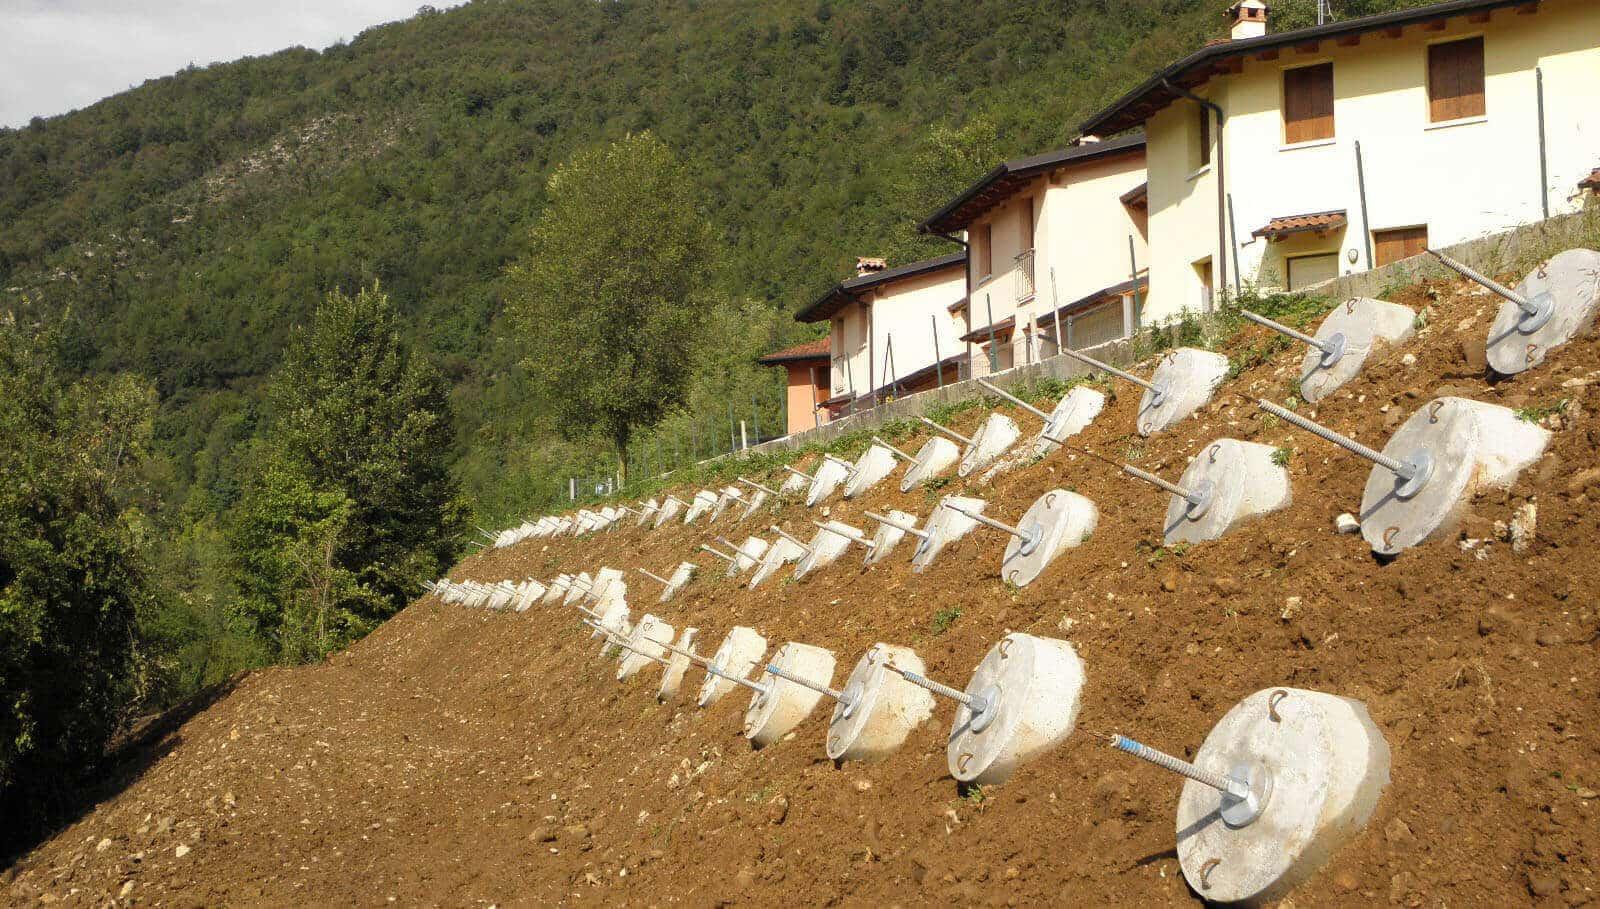 Progettazione Geotecnica, messa in sicurezza Frana con Tiranti